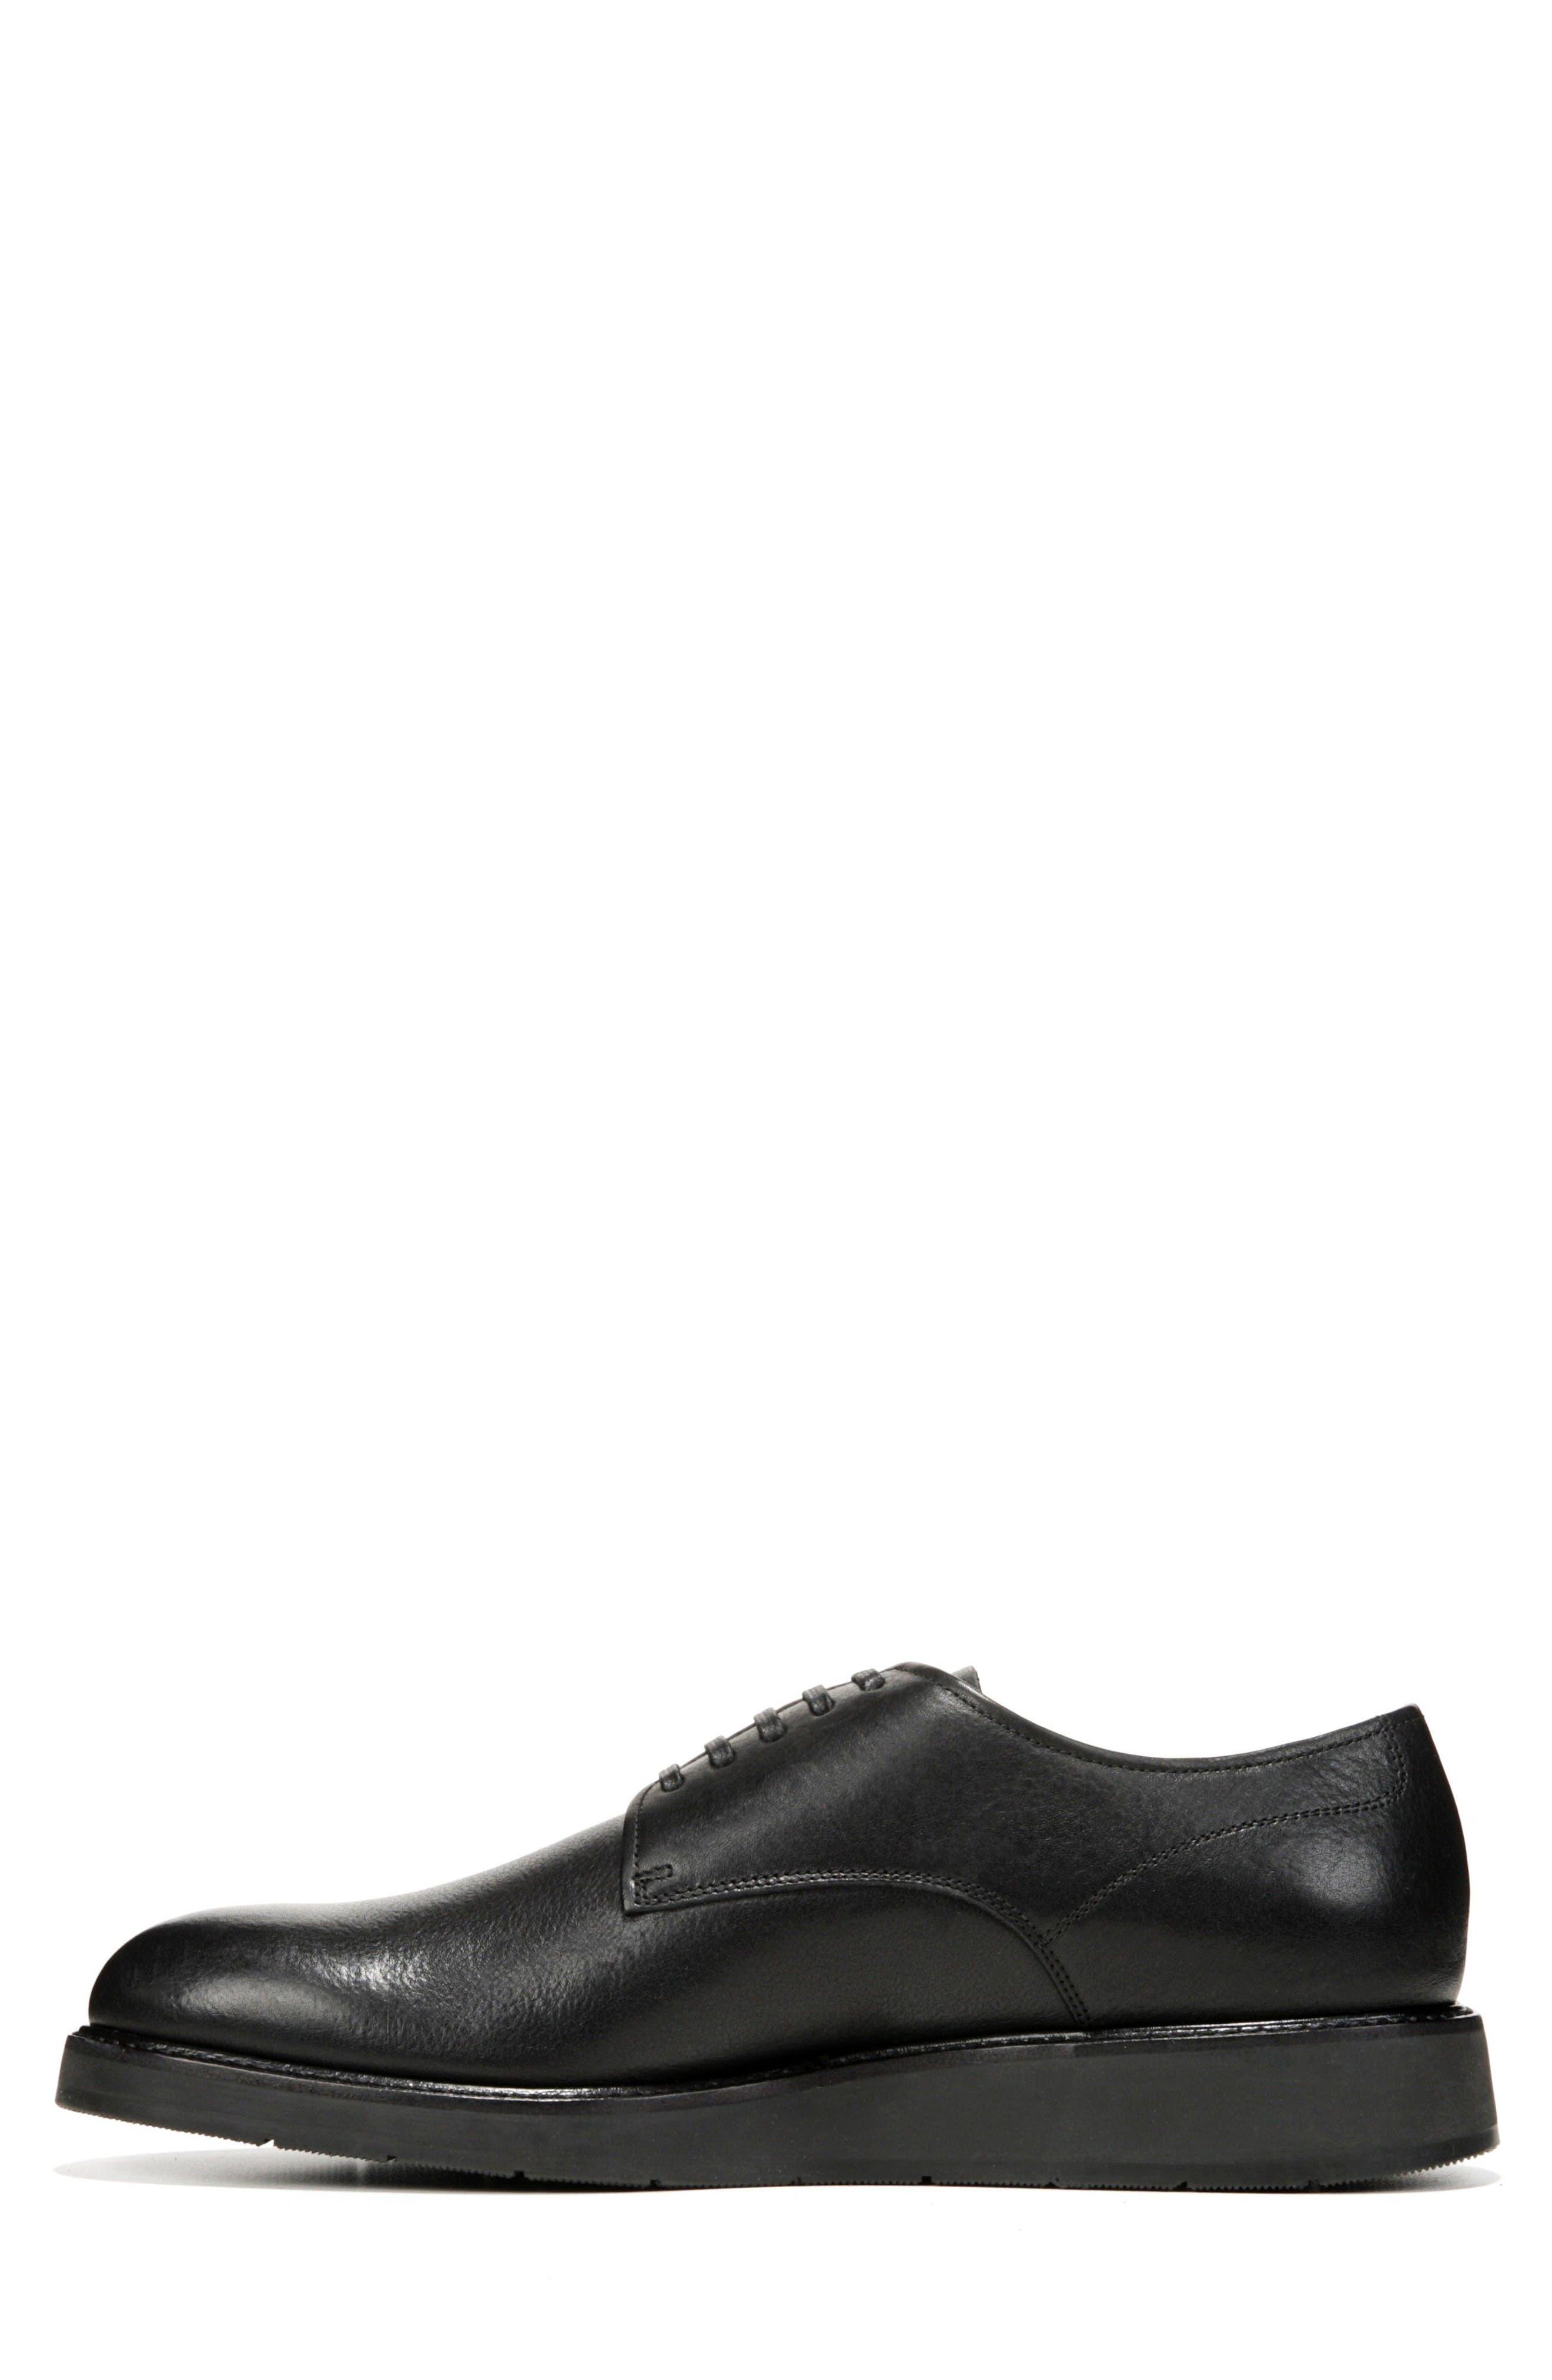 Proctor Plain Toe Derby,                             Alternate thumbnail 8, color,                             001